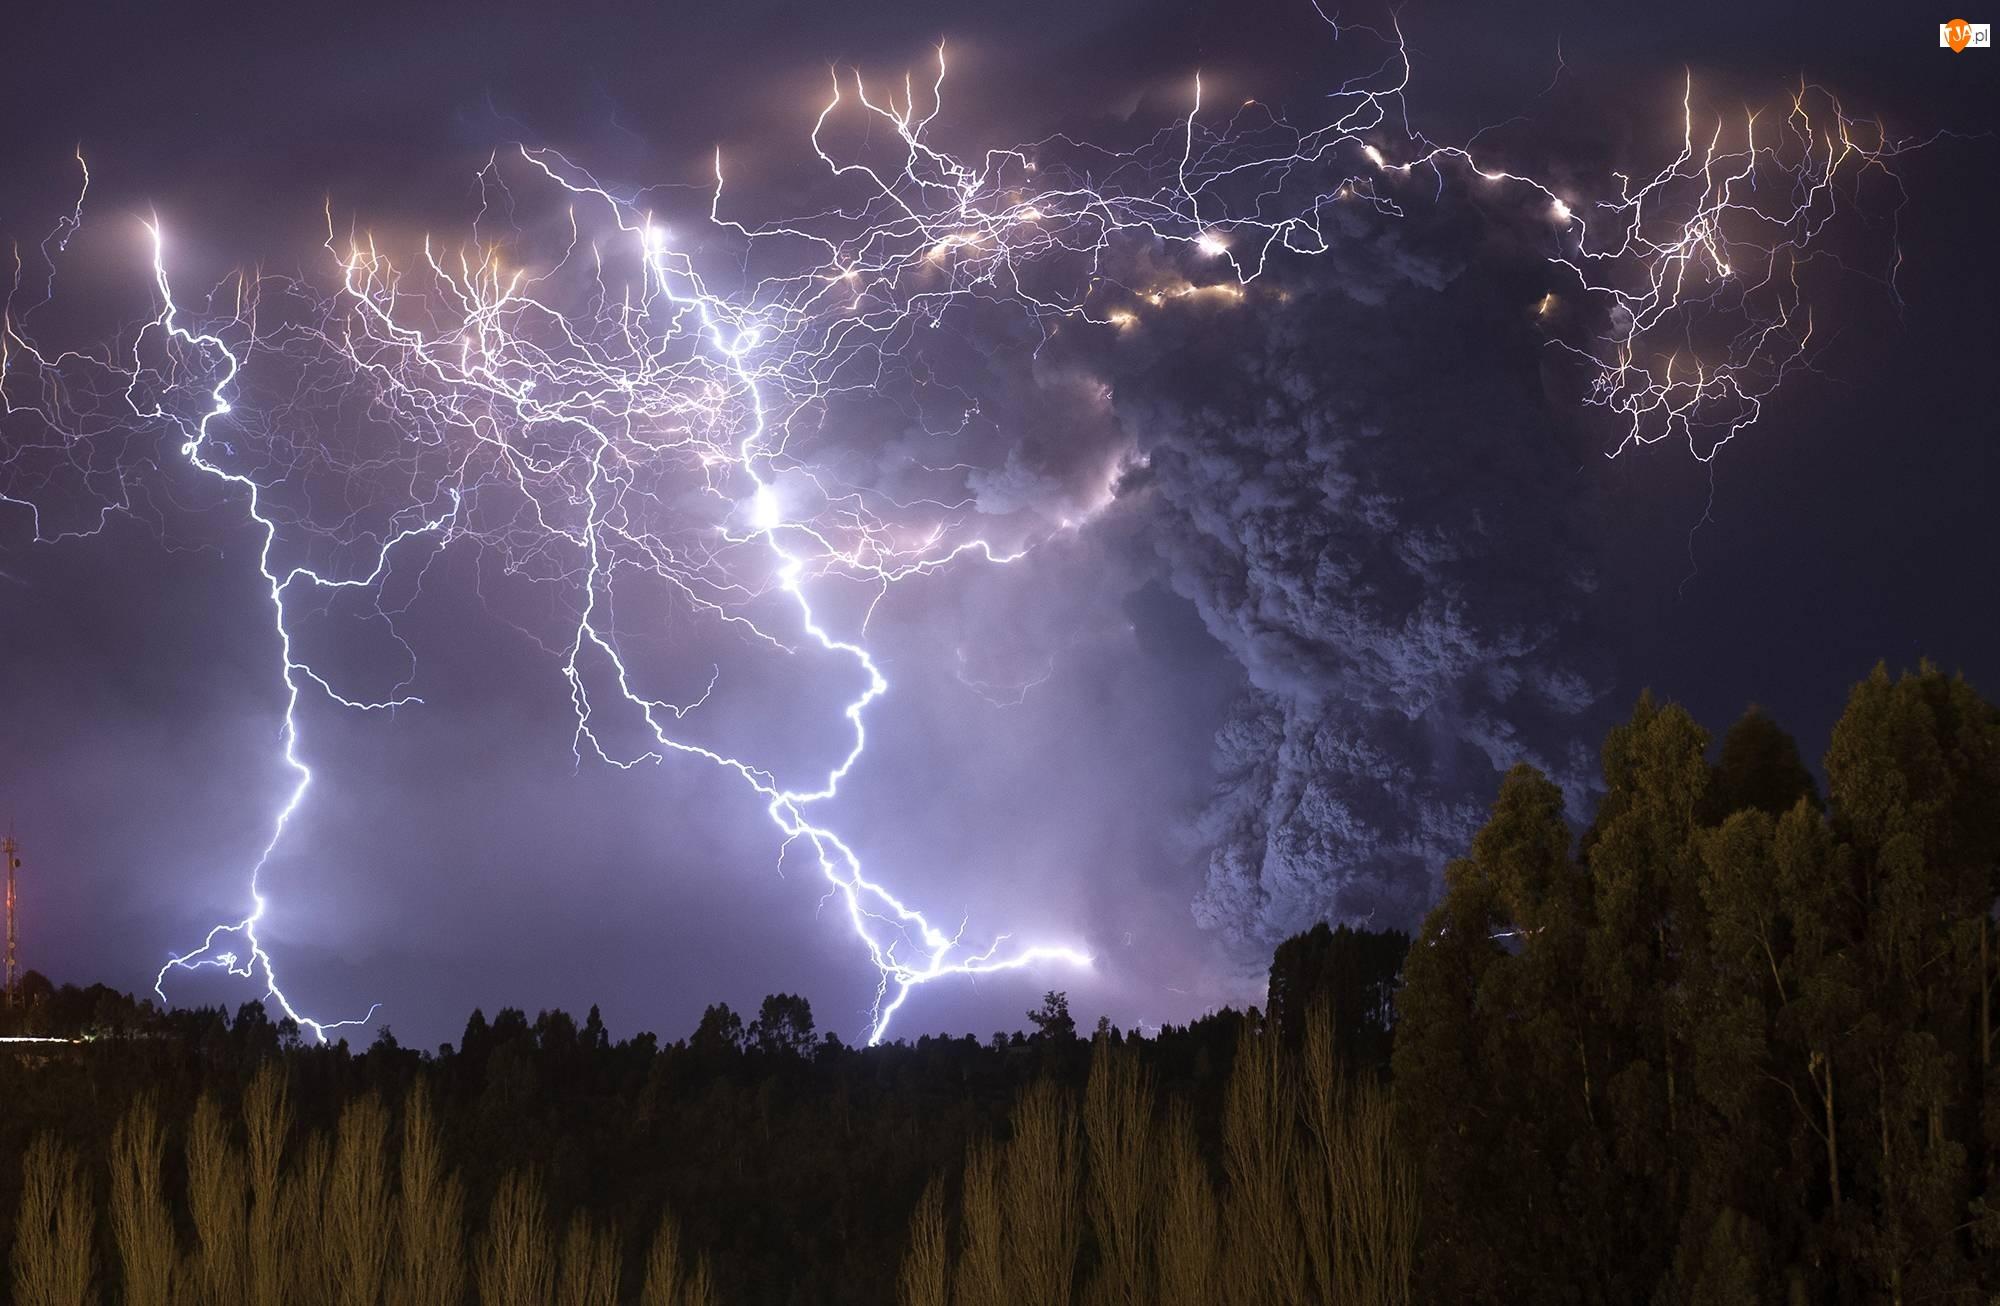 Burza, Skały, Niebo, Błyskawice